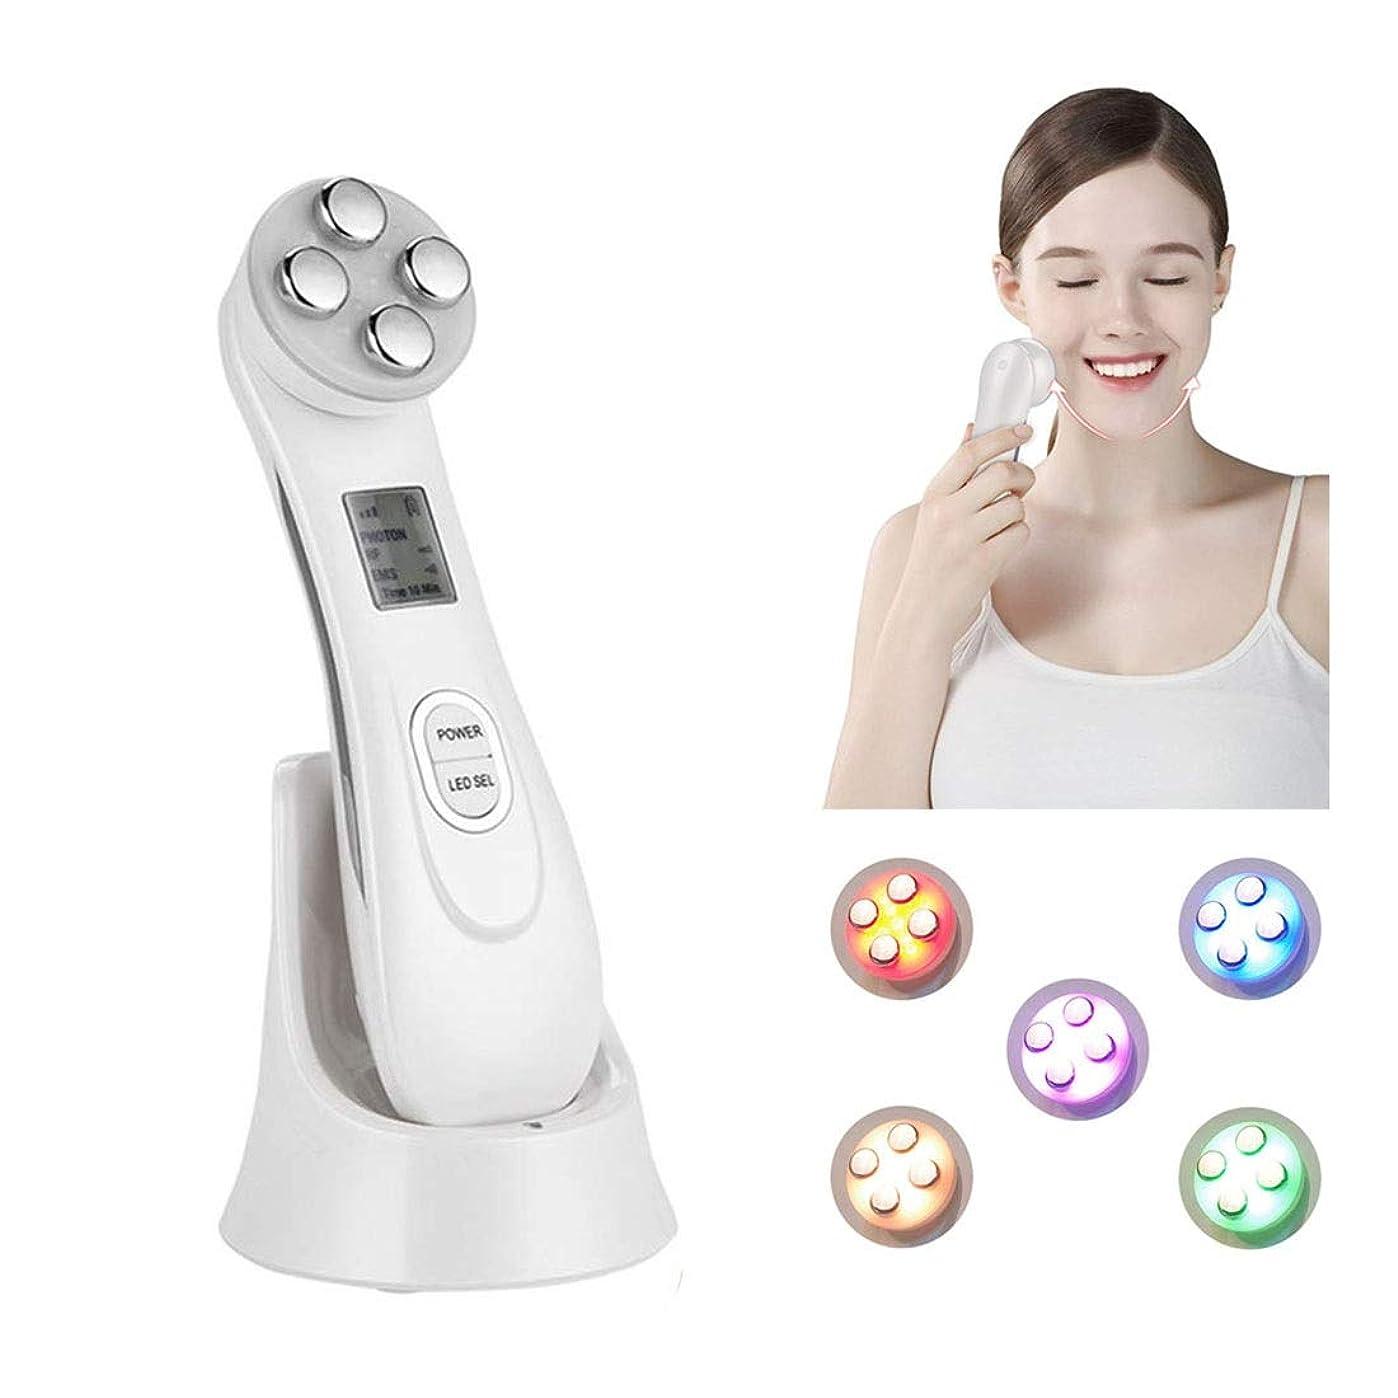 腫瘍差薬Skin Tightening Machine フェイススキンビューティーマシン、5 in 1フェイシャルリムーバルデバイス、マイクロカレントフェイシャルストレッチングリフトアンチエイジングマッサージャー Anti-aging